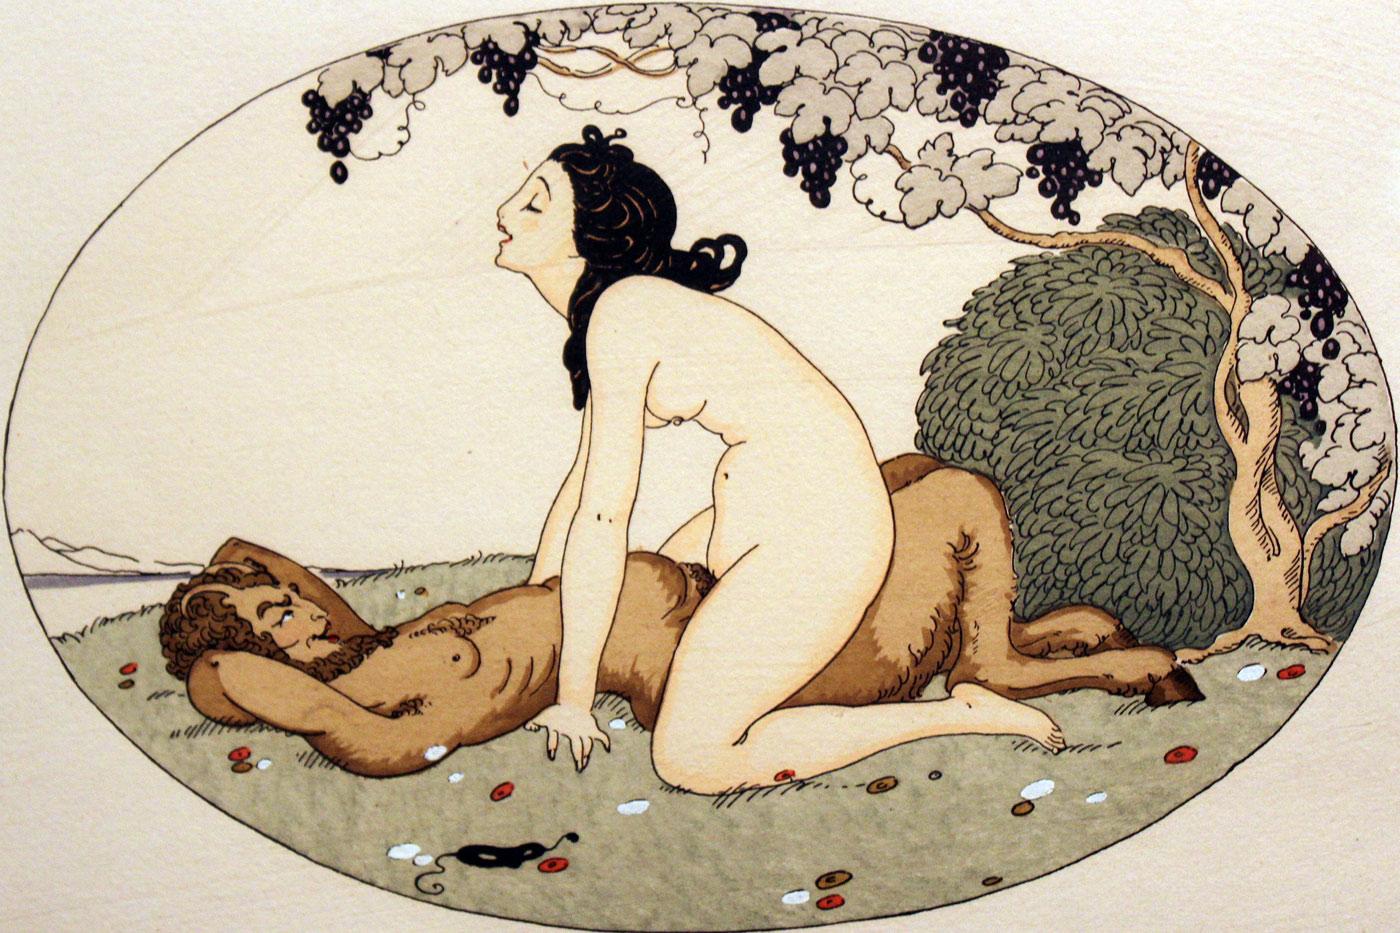 akvarell-i-serien-les-dc3a9lassements-deros-1925-web.jpg